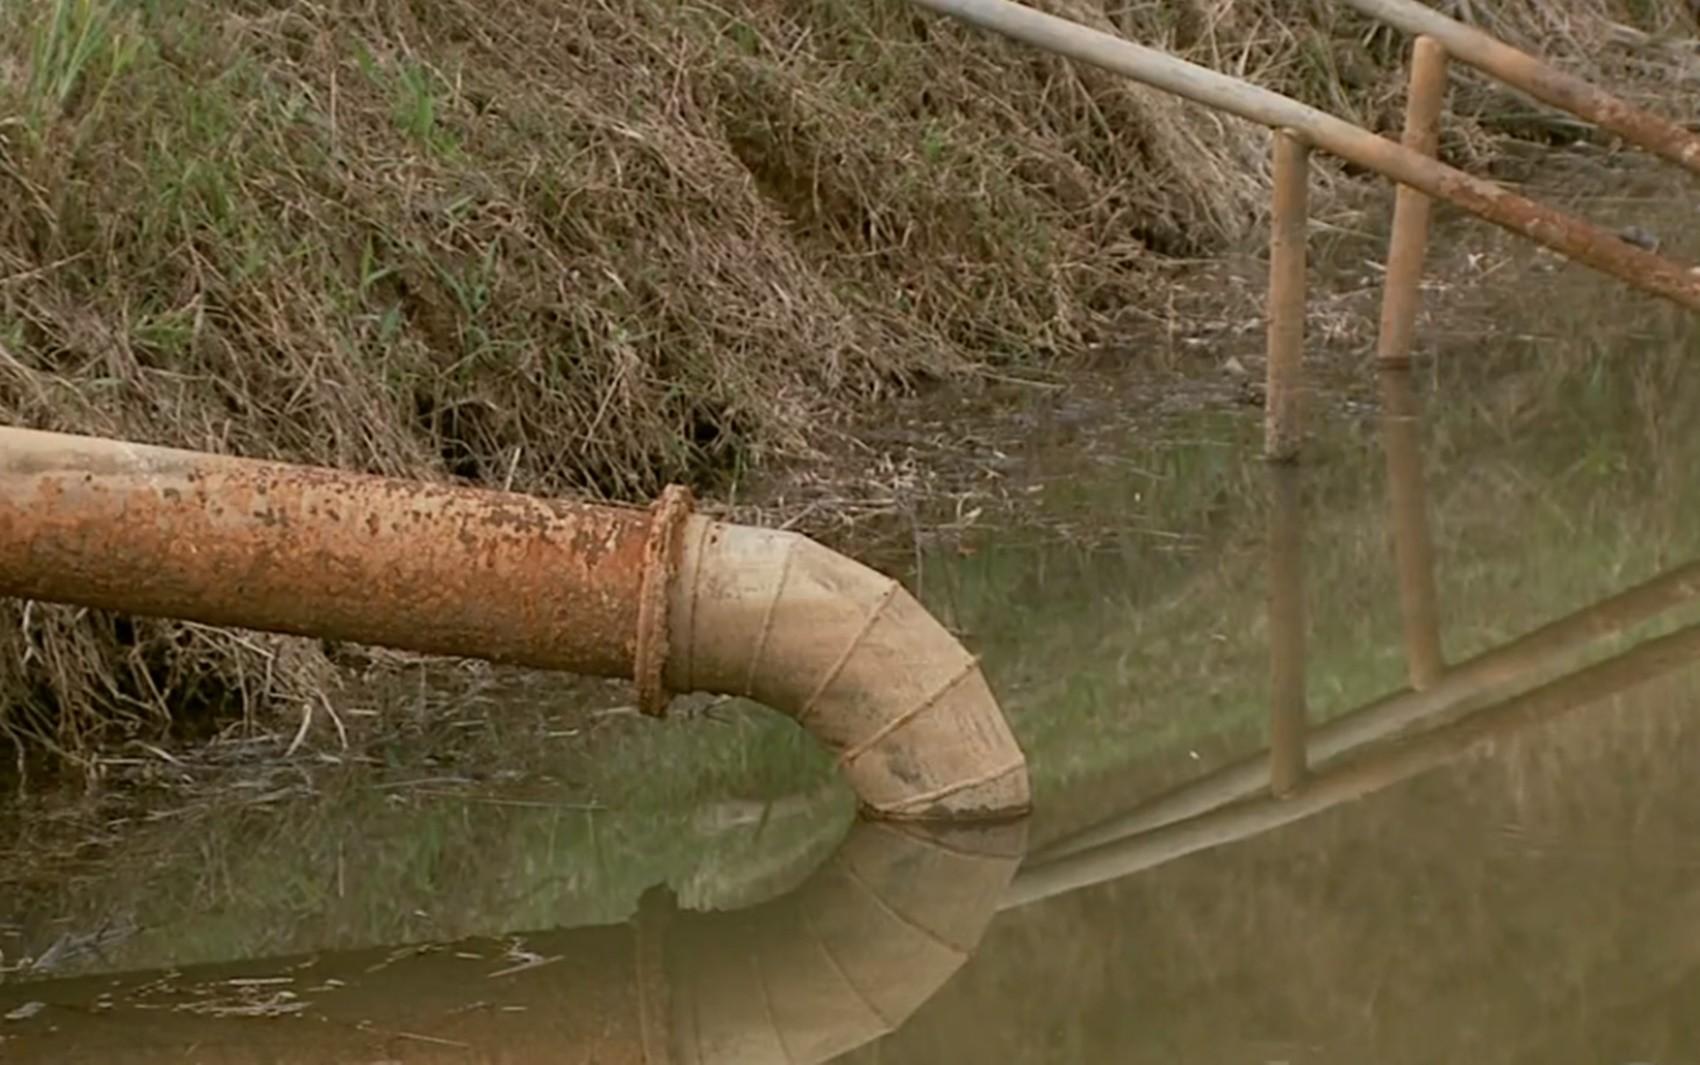 Falta de água faz Ouro Fino adotar racionamento no abastecimento da cidade